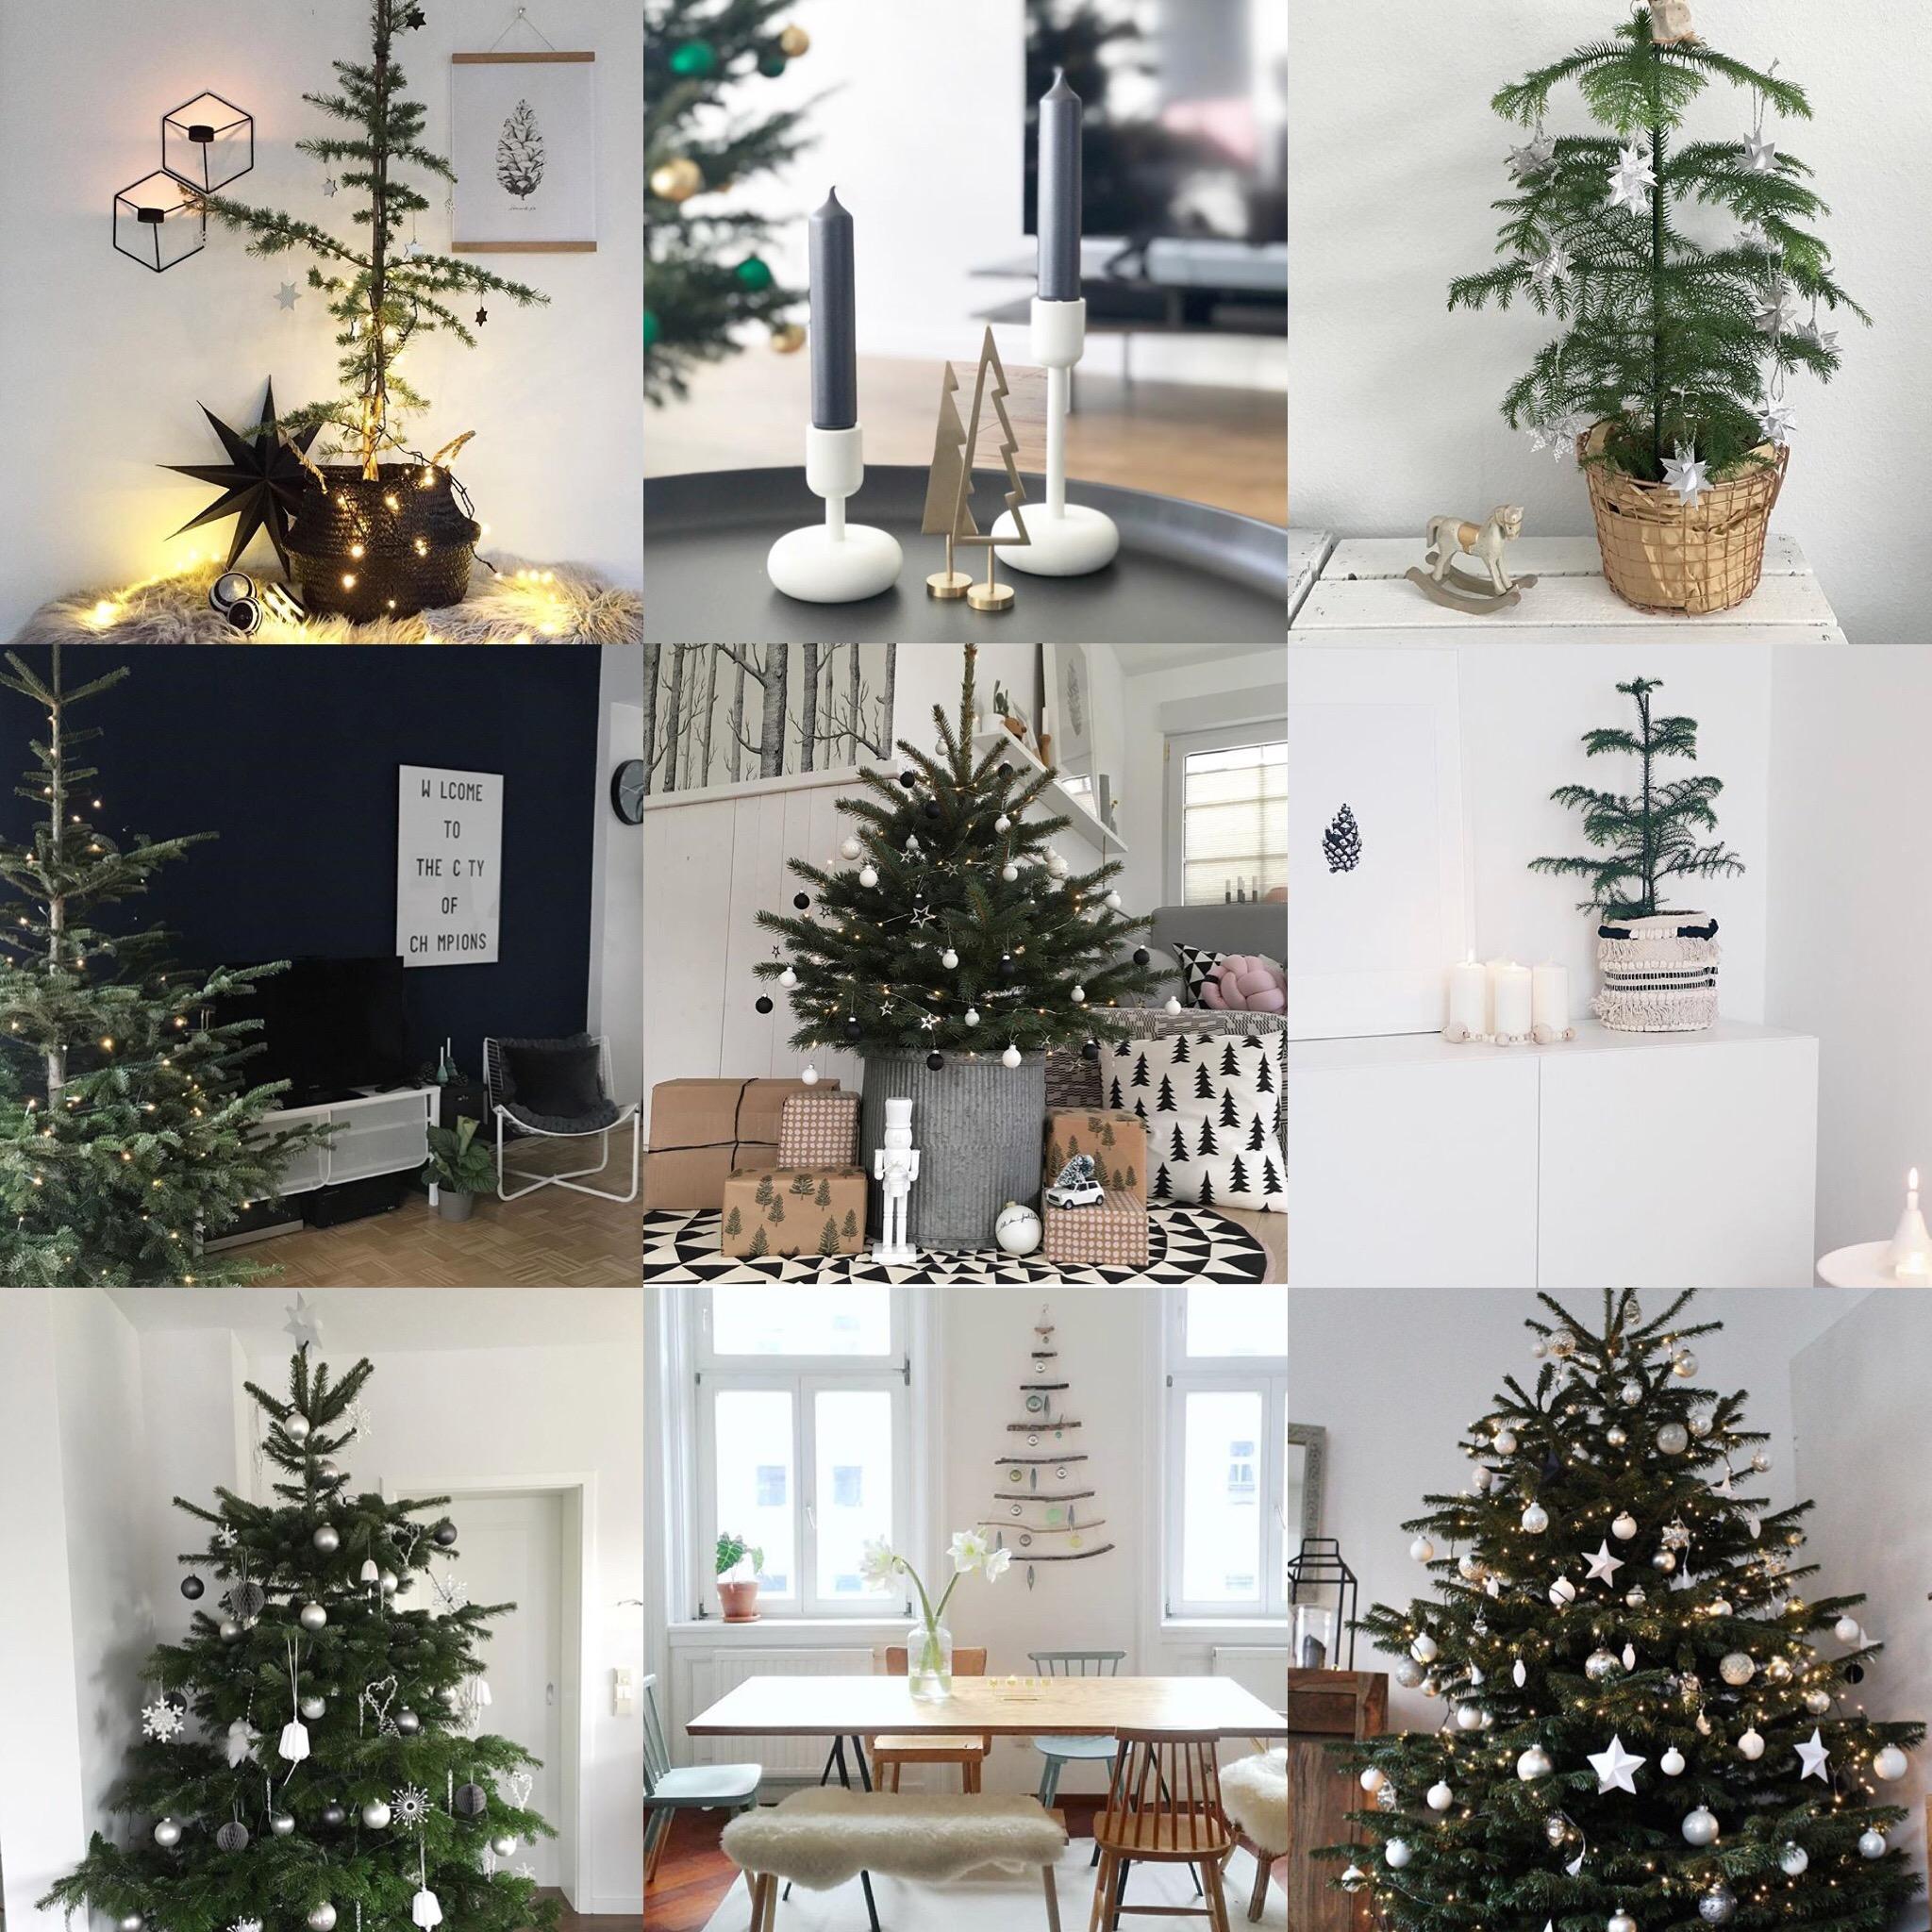 #zeigdein_traumzuhause Weihnachtsbaum